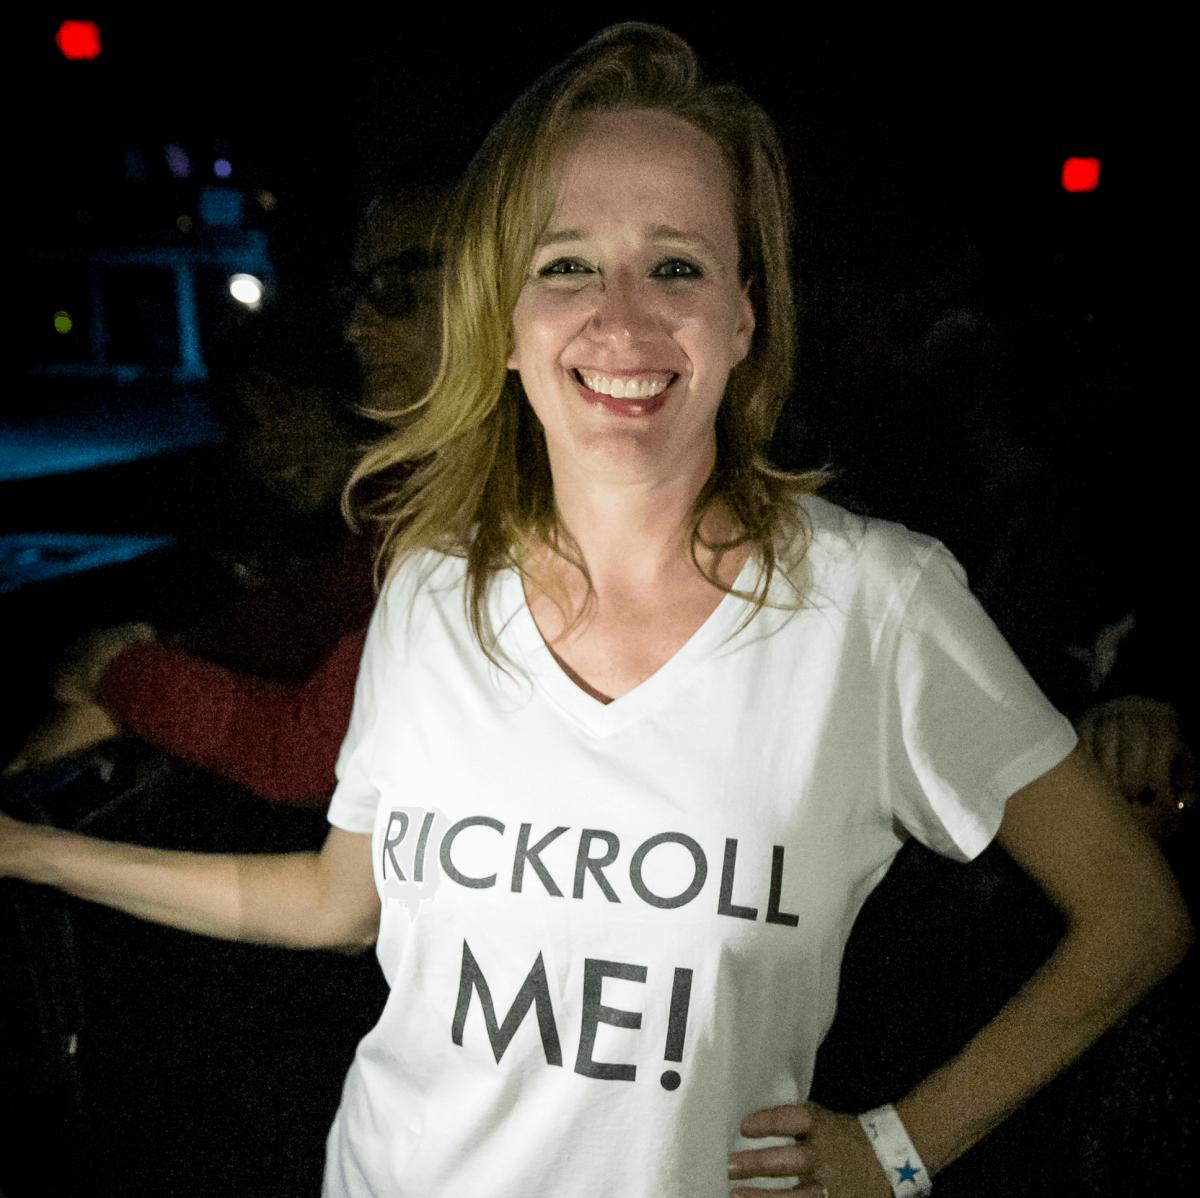 Rick Astley fan Katie Sherborne